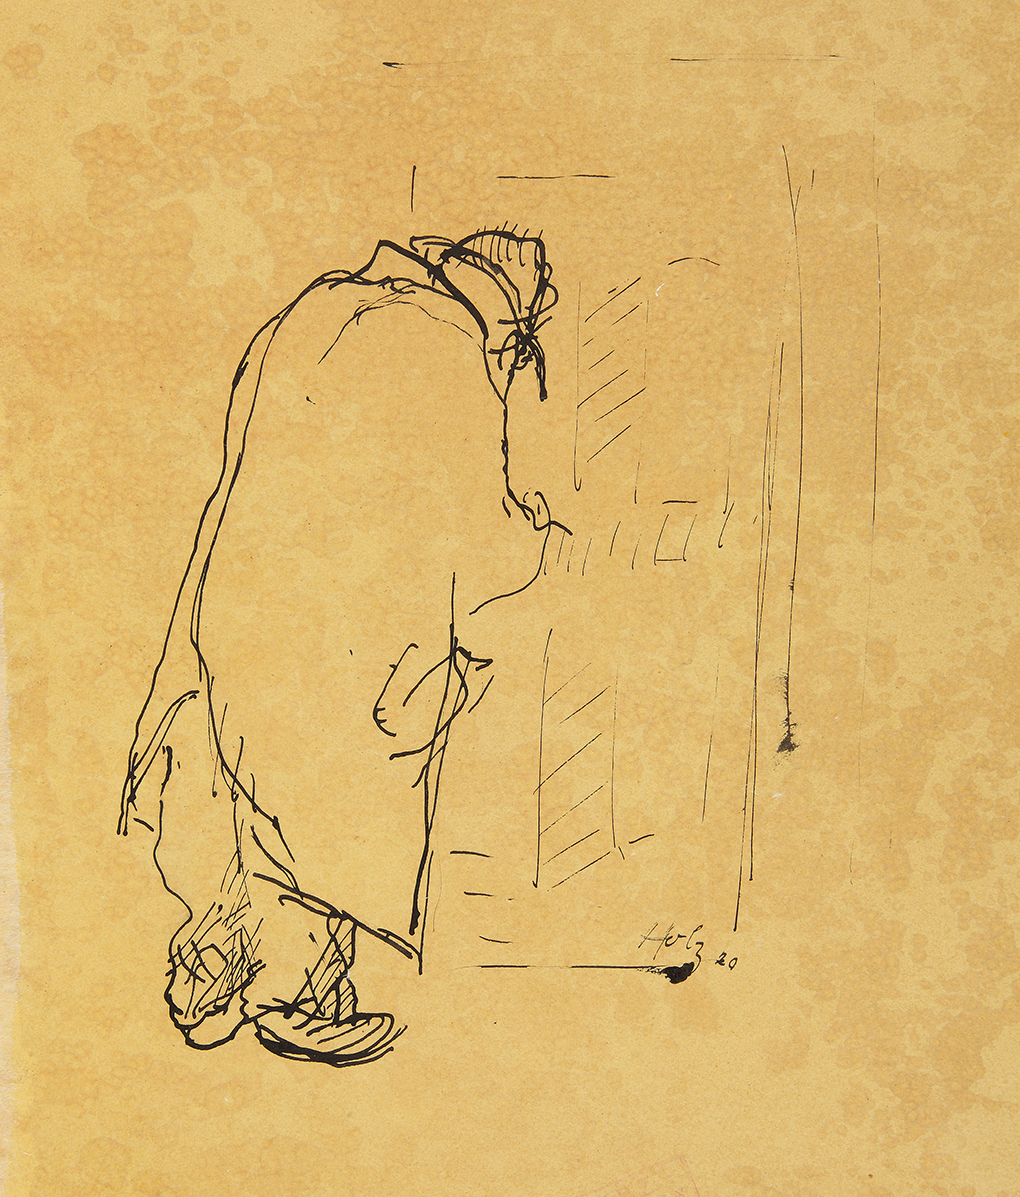 Paul Holz, Mężczyzna w płaszczu przy drzwiach, 1920, pióro, tusz, oliwkowy papier, Muzeum Narodowe w Szczecinie, fot. Grzegorz Solecki&Arkadiusz Piętak